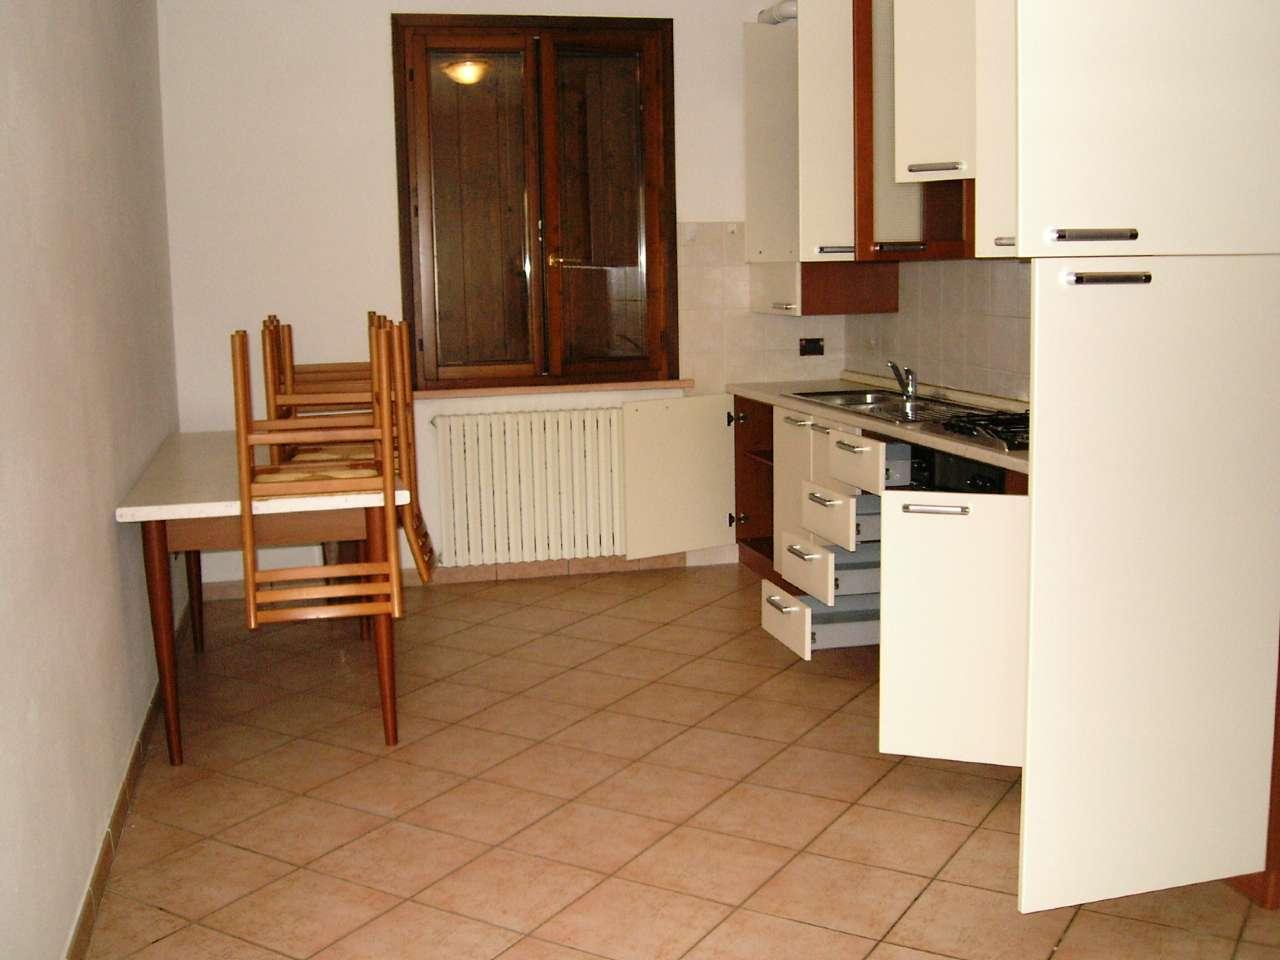 Appartamento in affitto a Dosolo, 2 locali, prezzo € 400 | CambioCasa.it